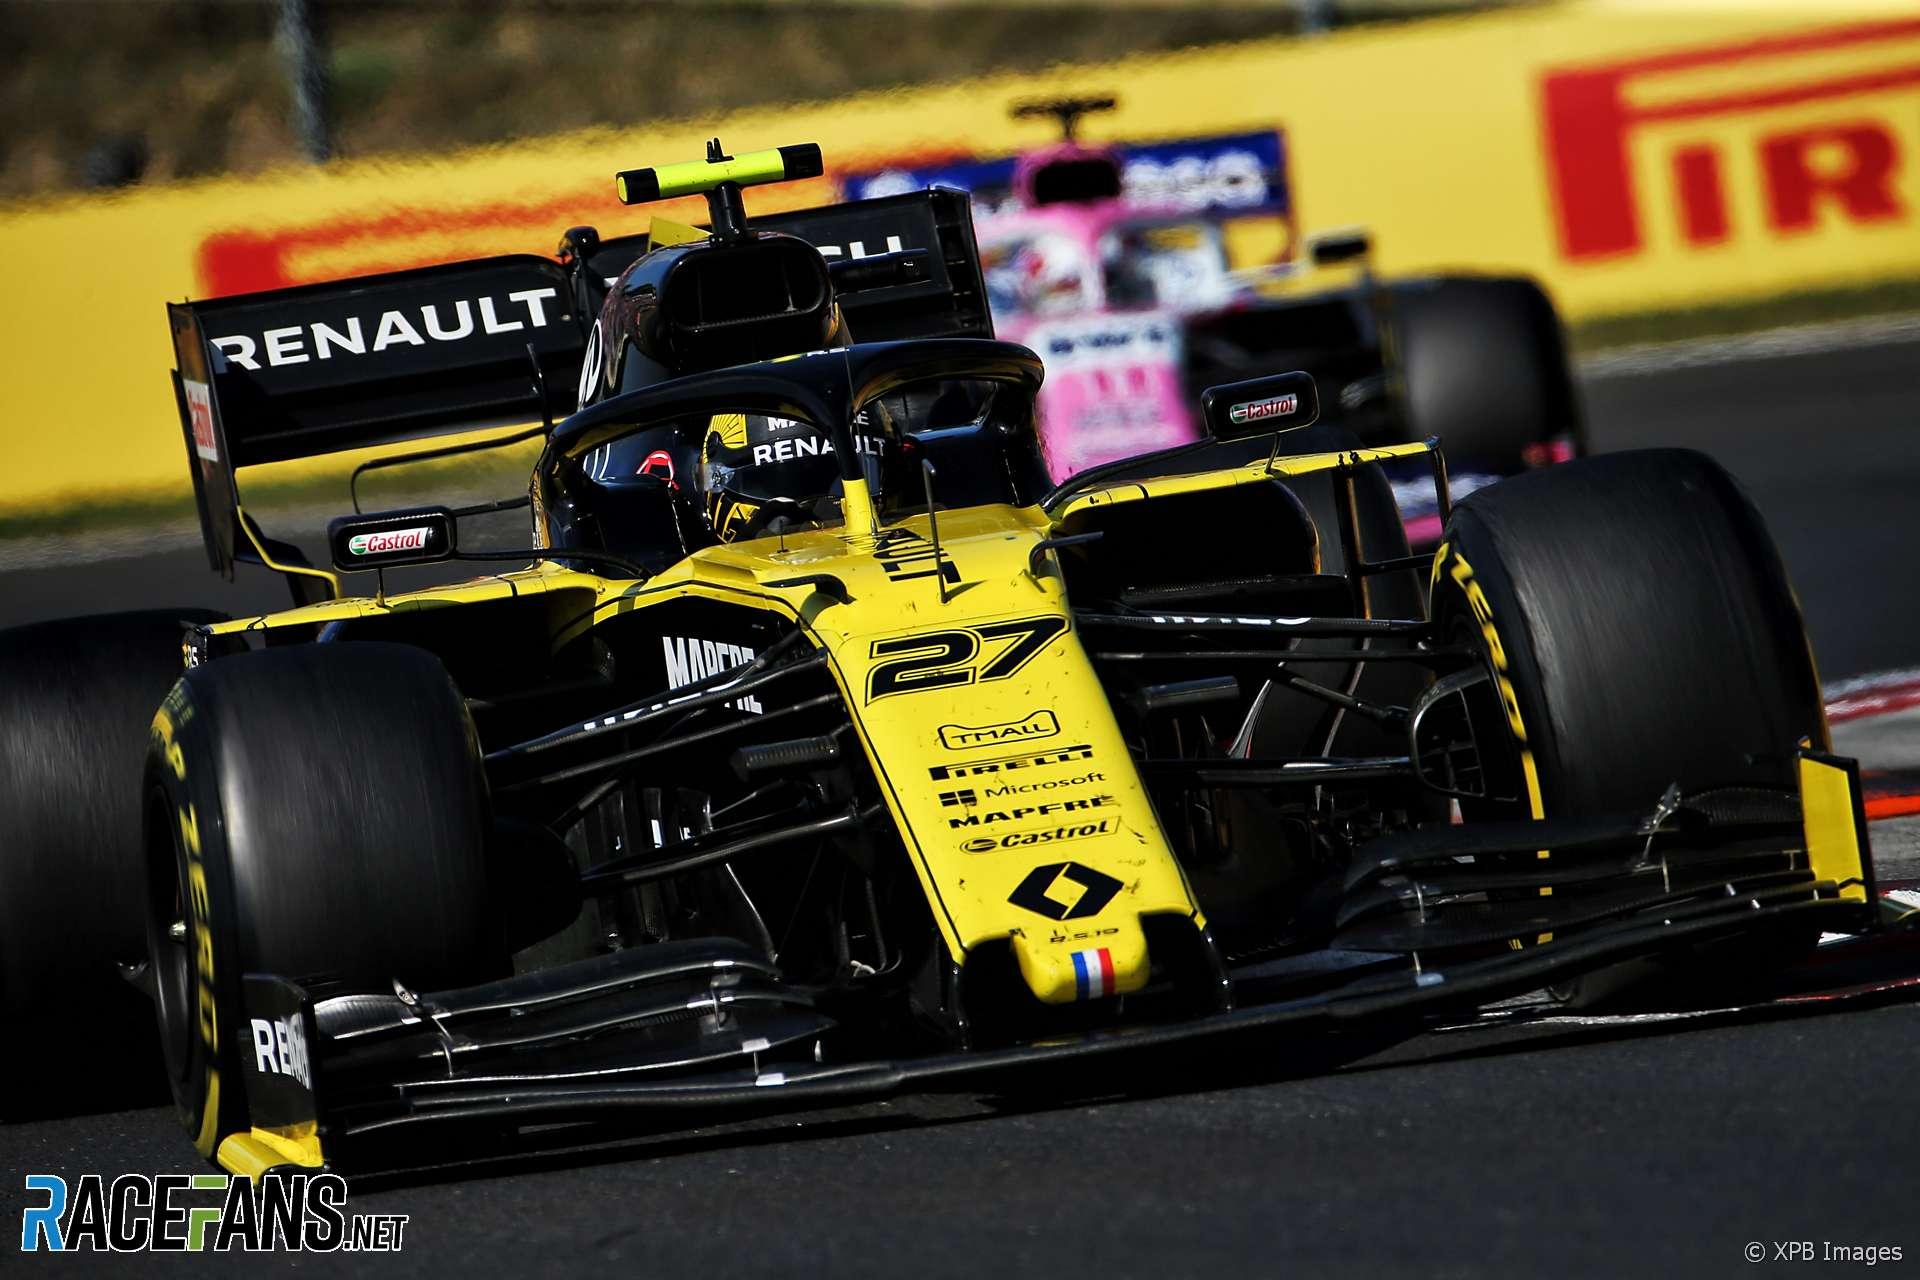 Nico Hulkenberg, Renault, Hungaroring, 2019